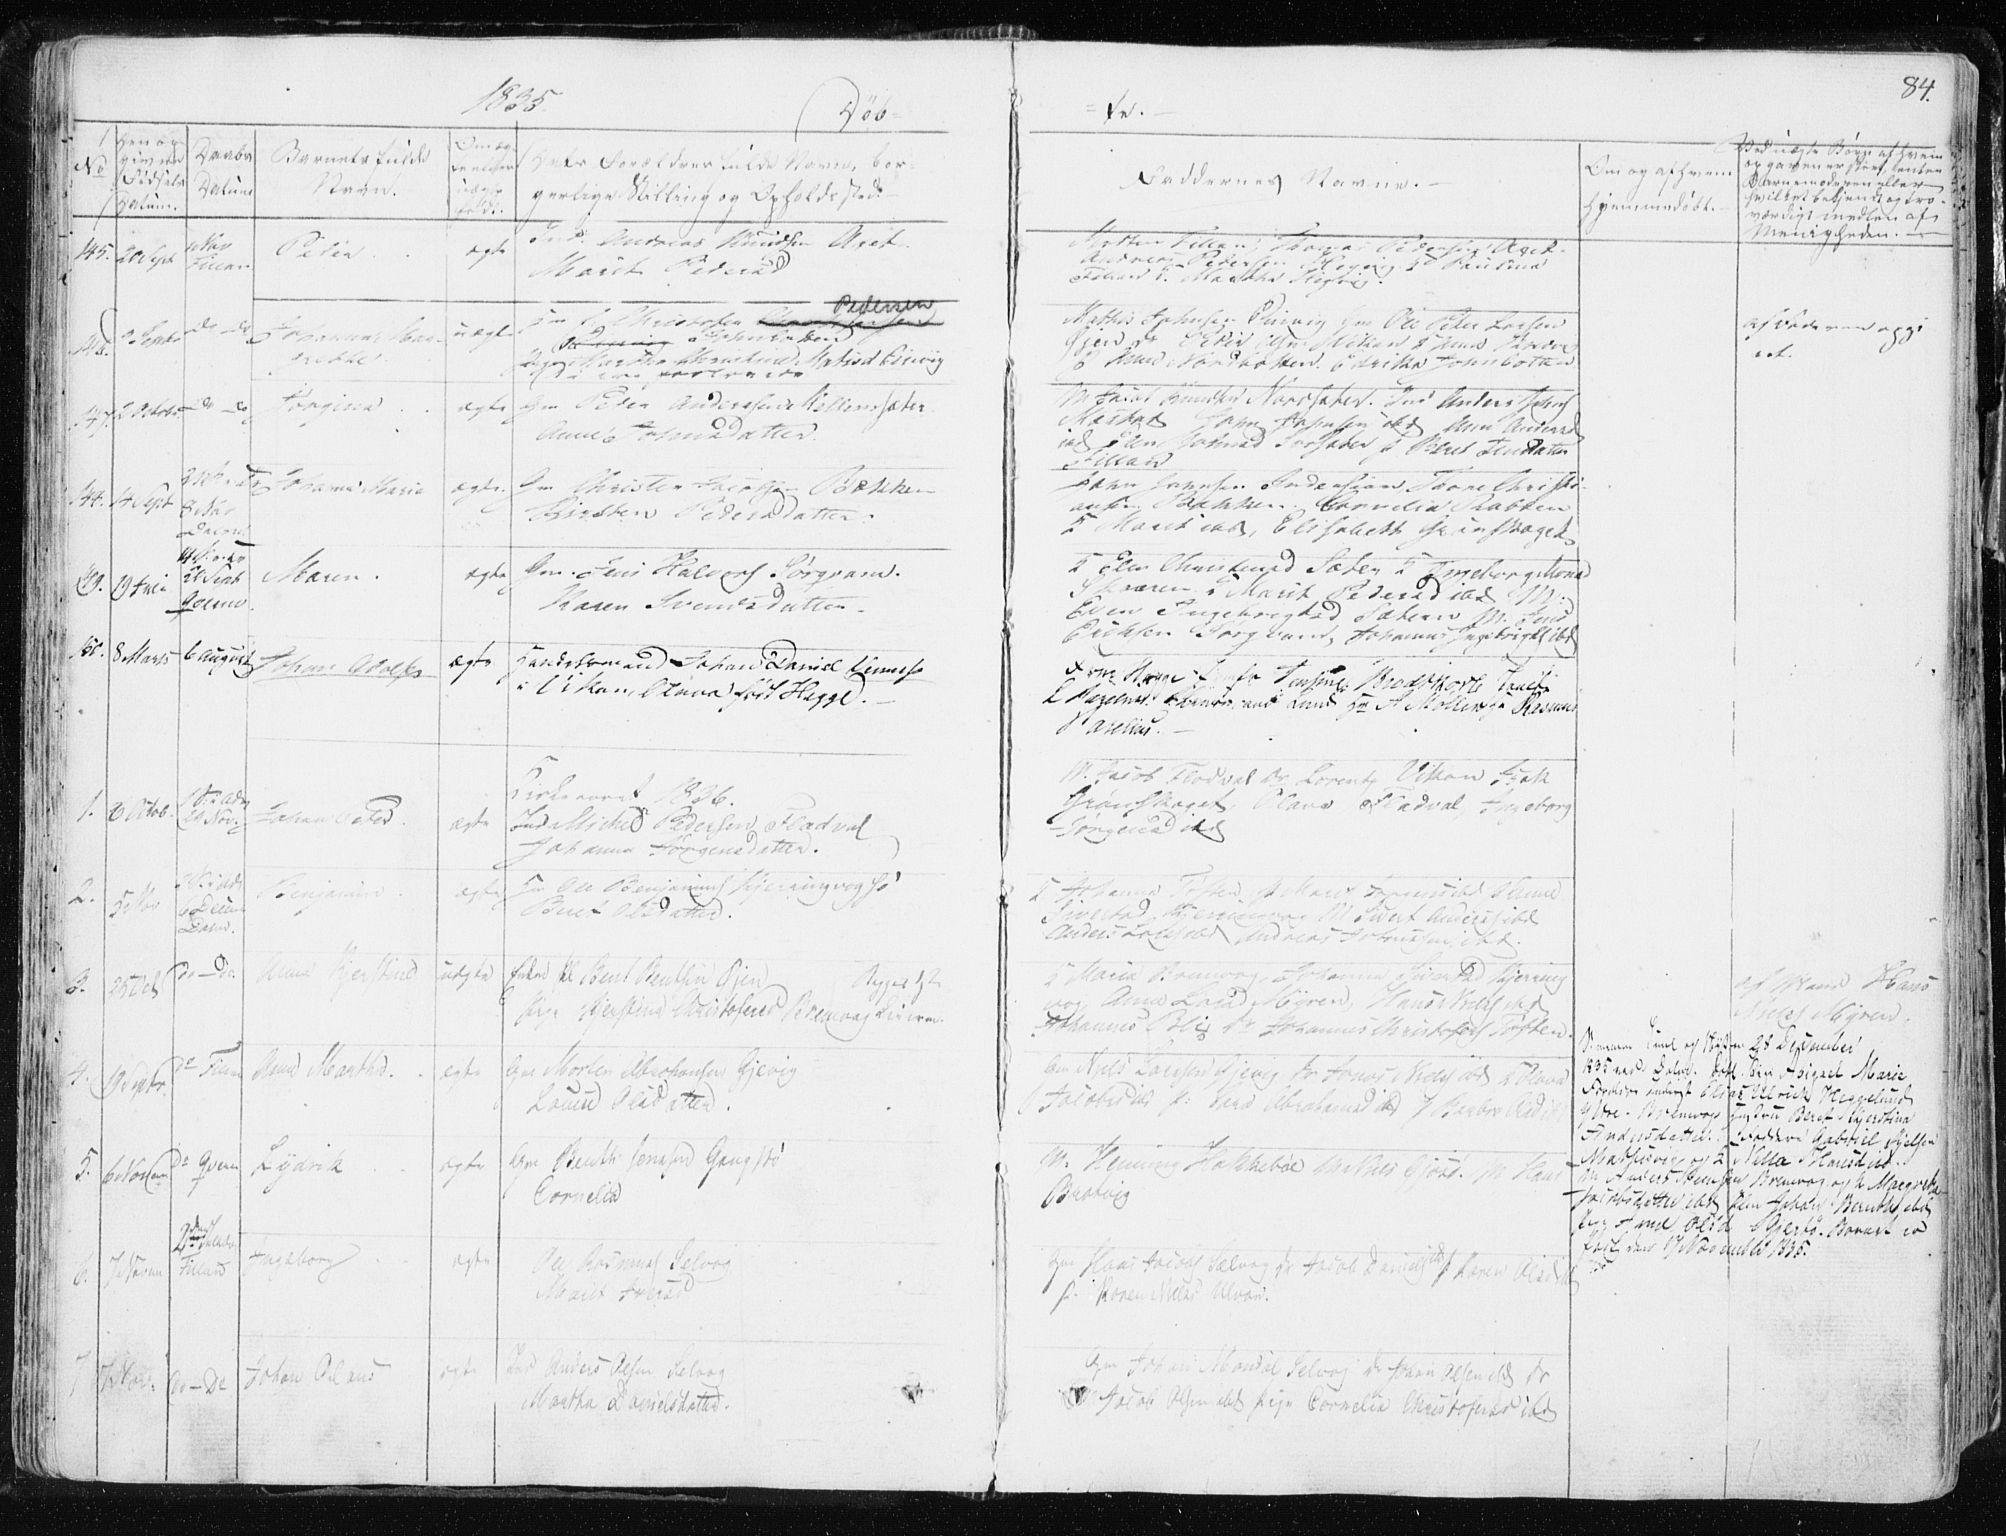 SAT, Ministerialprotokoller, klokkerbøker og fødselsregistre - Sør-Trøndelag, 634/L0528: Ministerialbok nr. 634A04, 1827-1842, s. 84